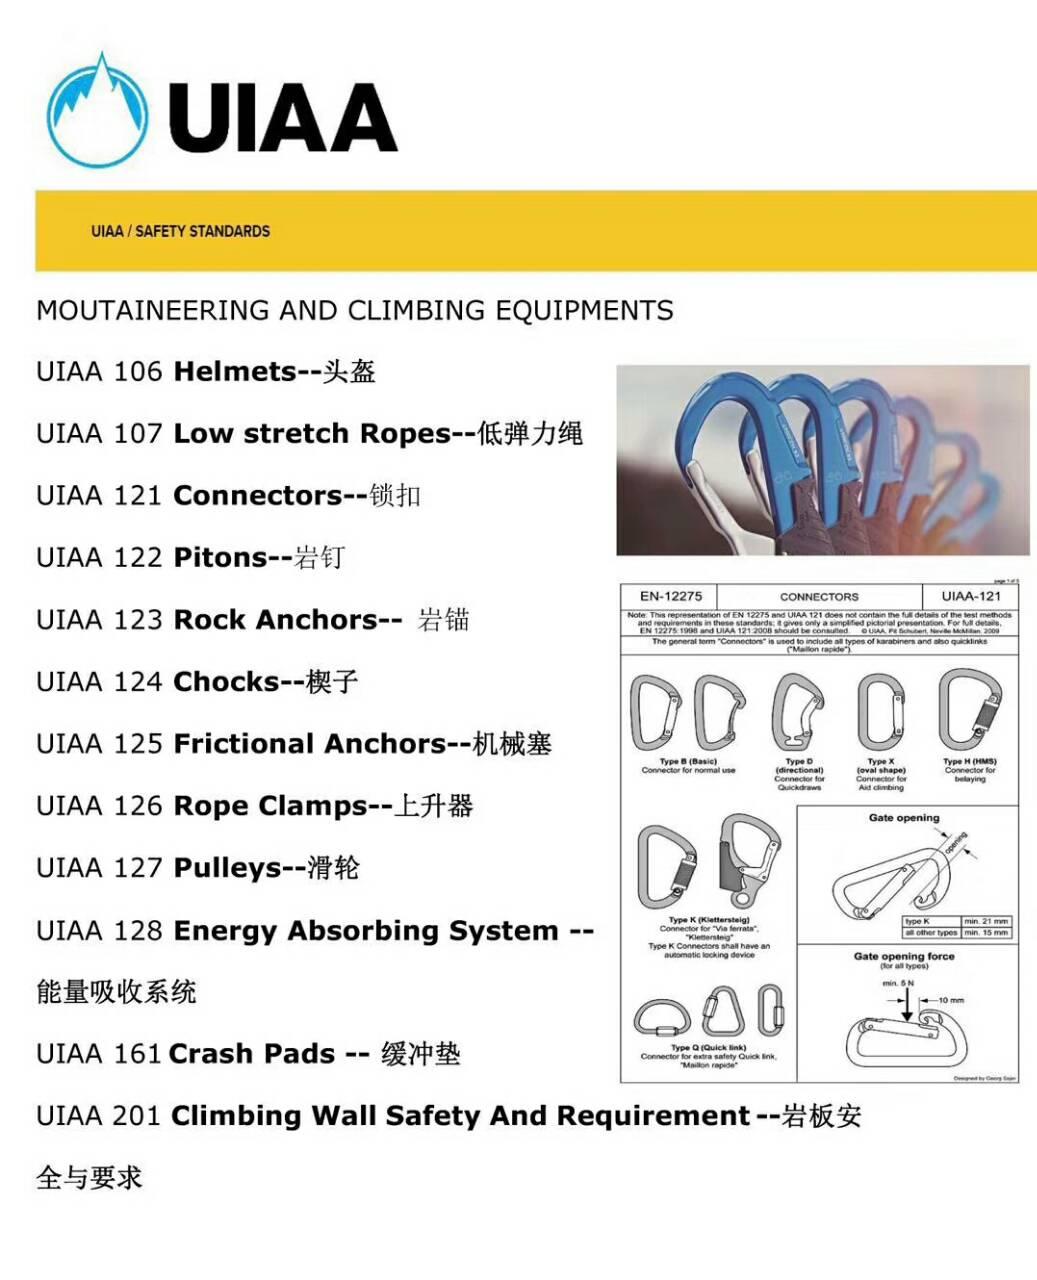 UIAA国际登山联合会安全产品设备优德88账户注册优德88中文网